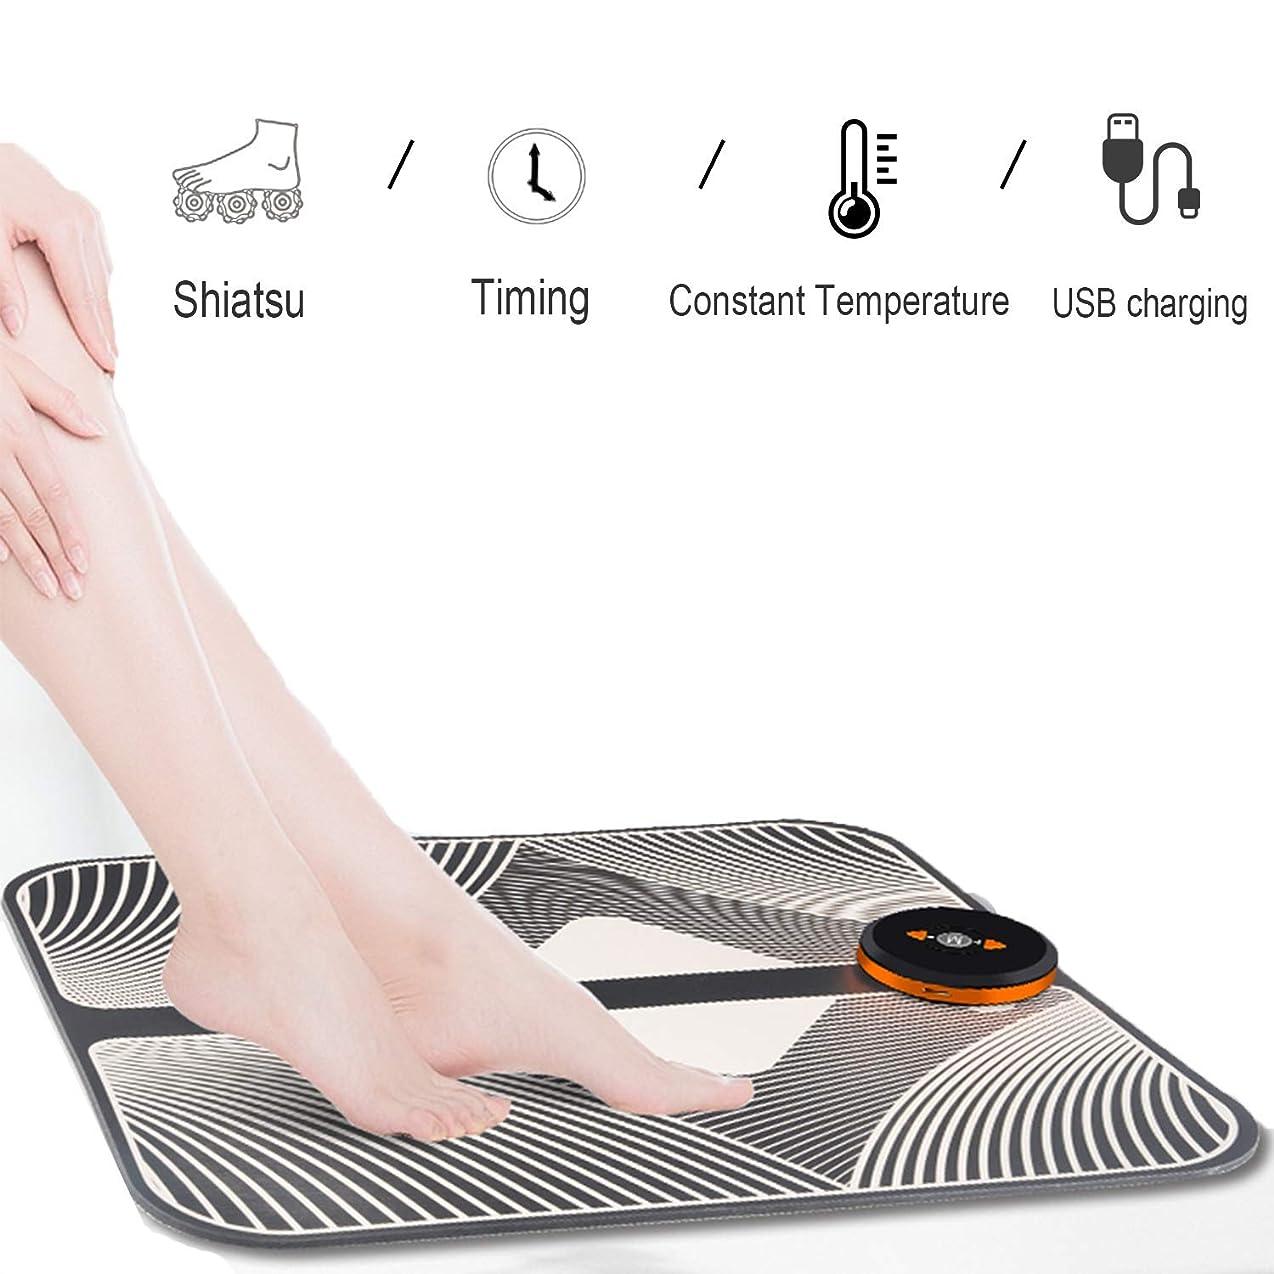 コカイン処方ラグフットマッサージマットUSB充電式、1?9の強度レベル6モード調整可能、血液循環を促進し、圧力筋肉の足の痛みを和らげます